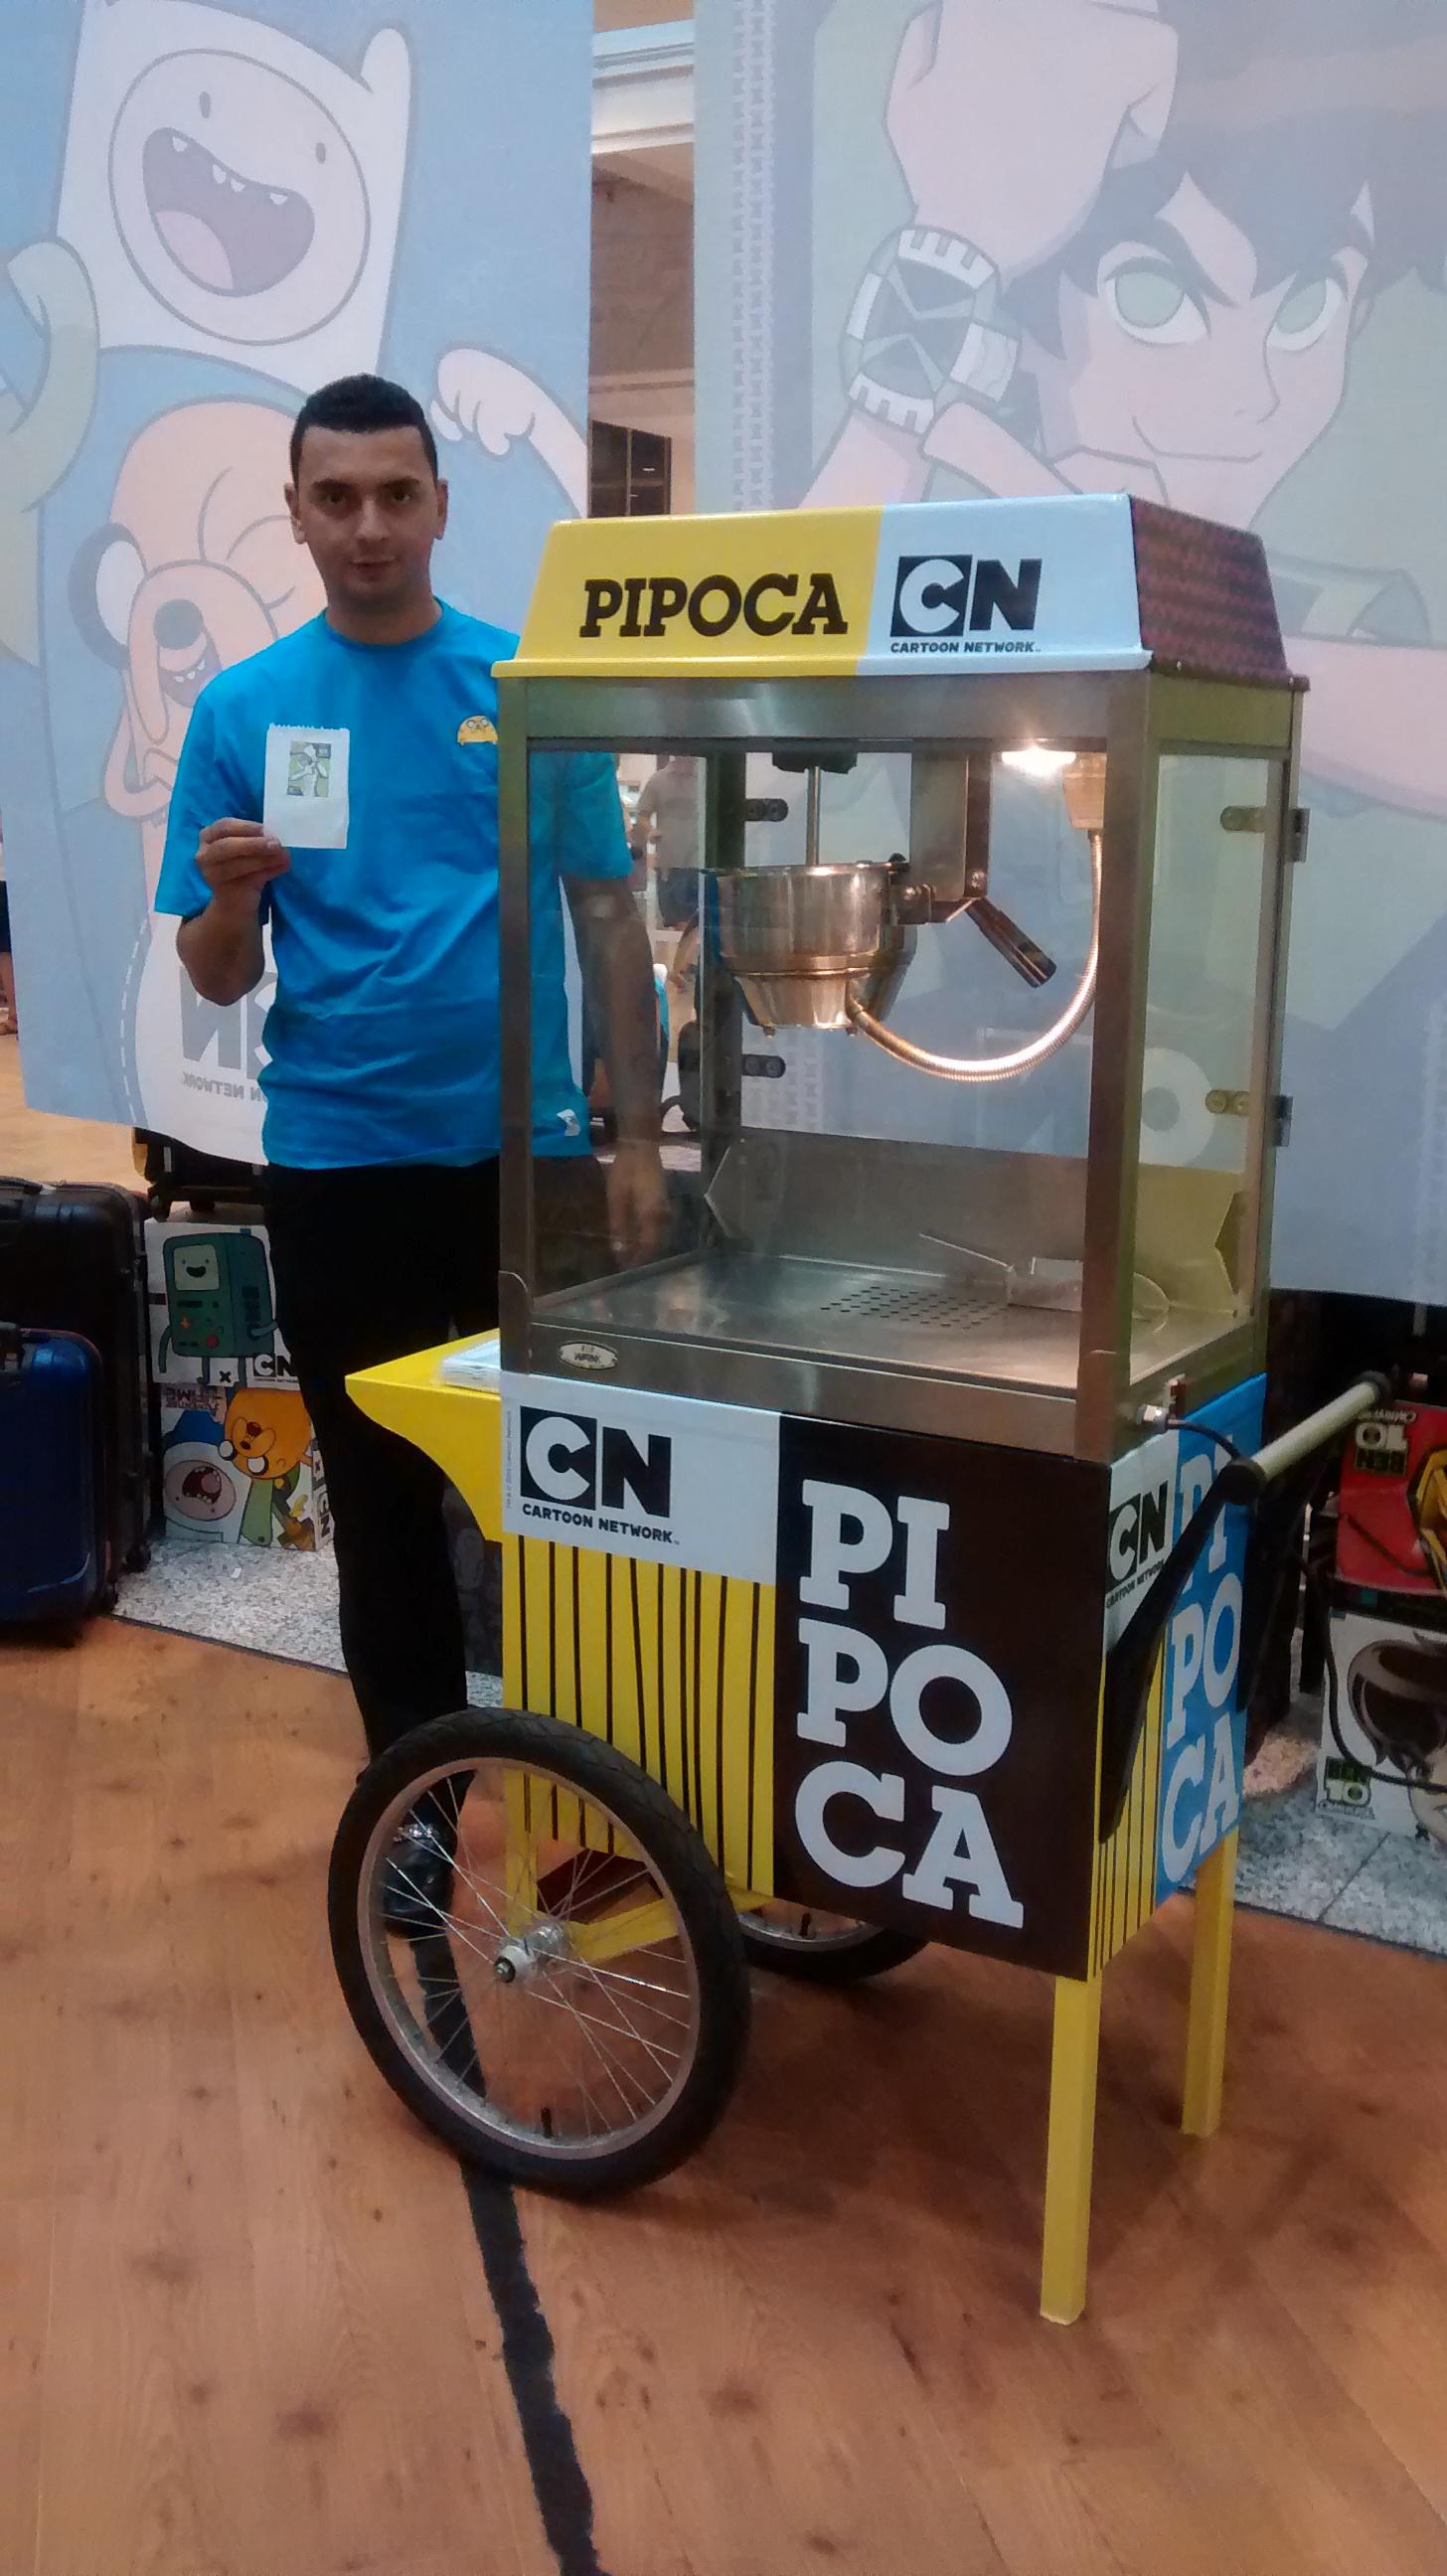 Carrinho de Pipoca - Cartoon Network